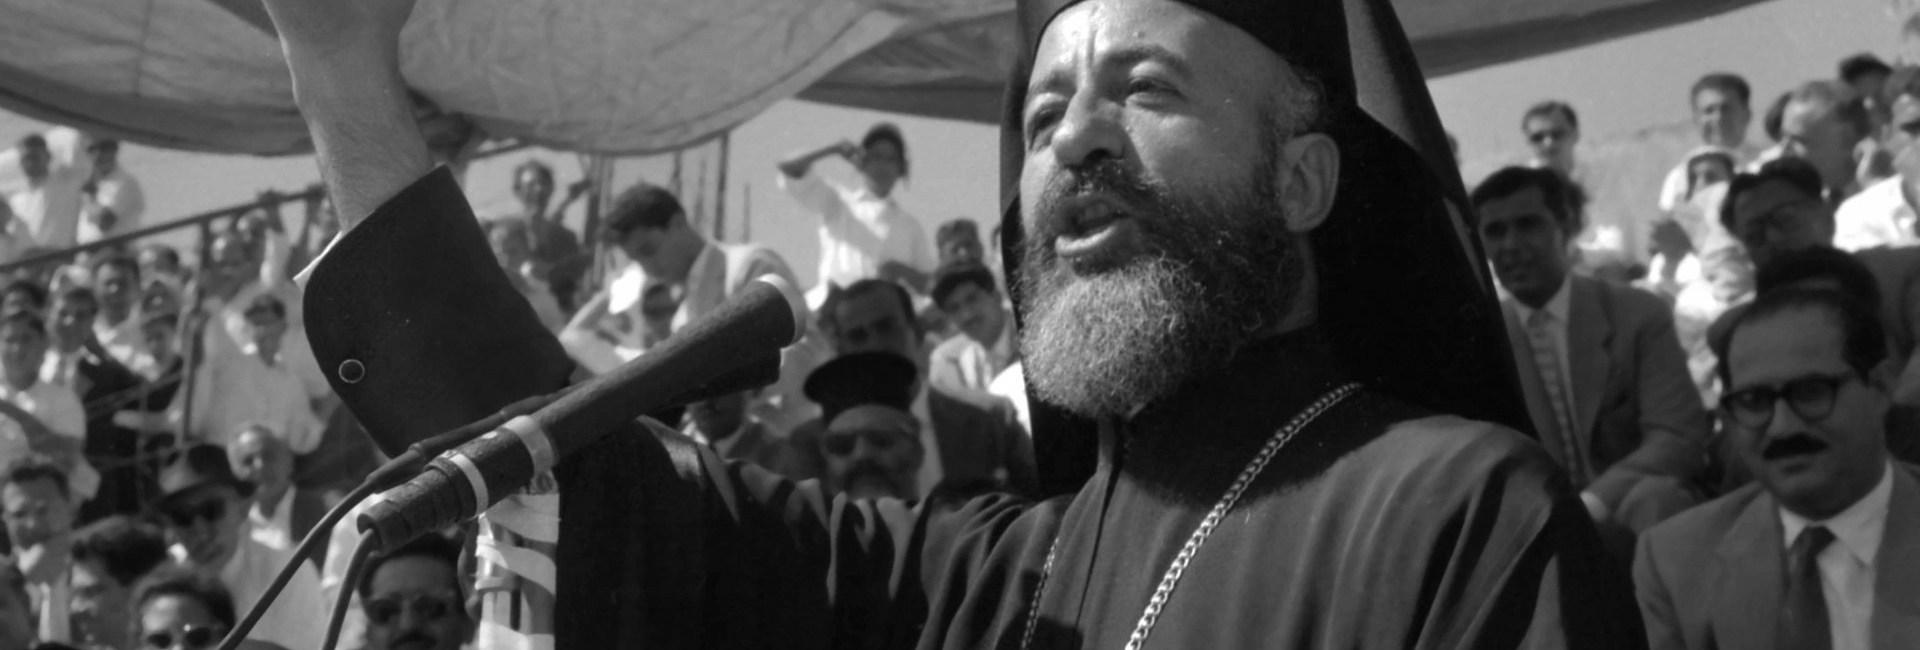 Φάκελος Κύπρου: Προσωπική μαρτυρία για τη διαφυγή του Μακαρίου από το Προεδρικό Μέγαρο